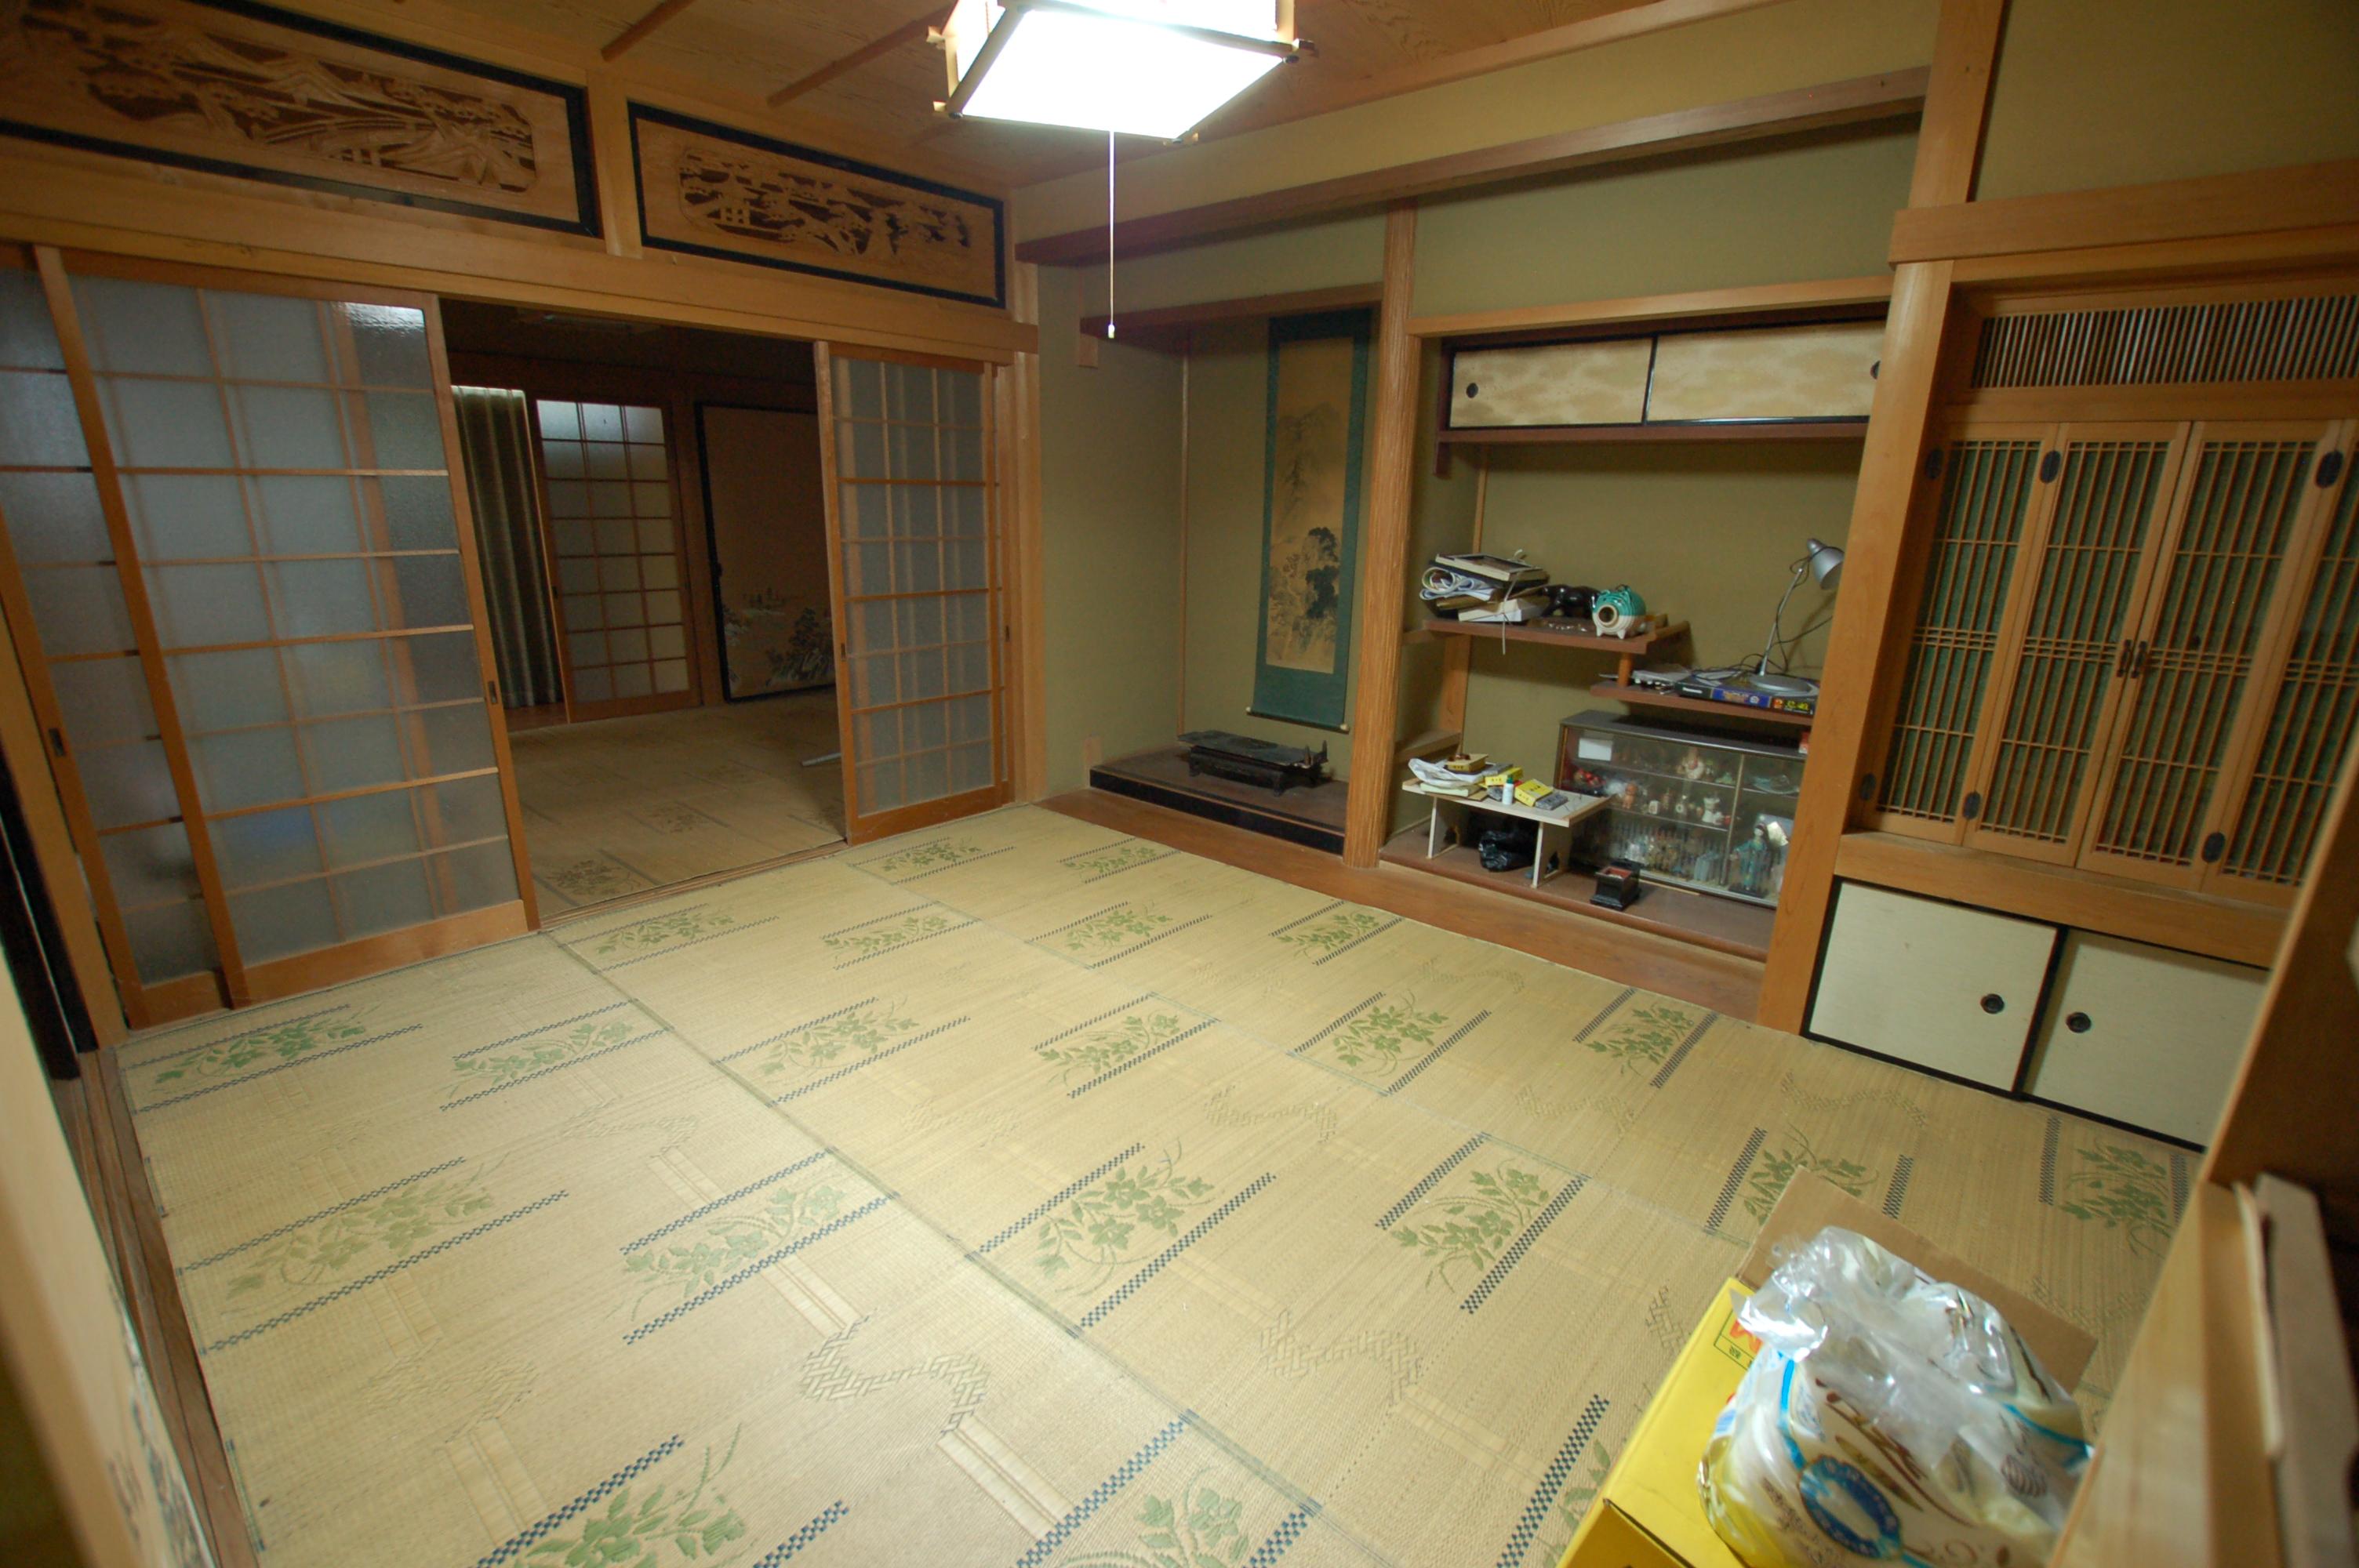 DSC 0043 1 - 【加茂町古家付き売土地】畑や山林もあり、のんび~り田舎暮らしするのにぴったりです。恭仁小学校区です!